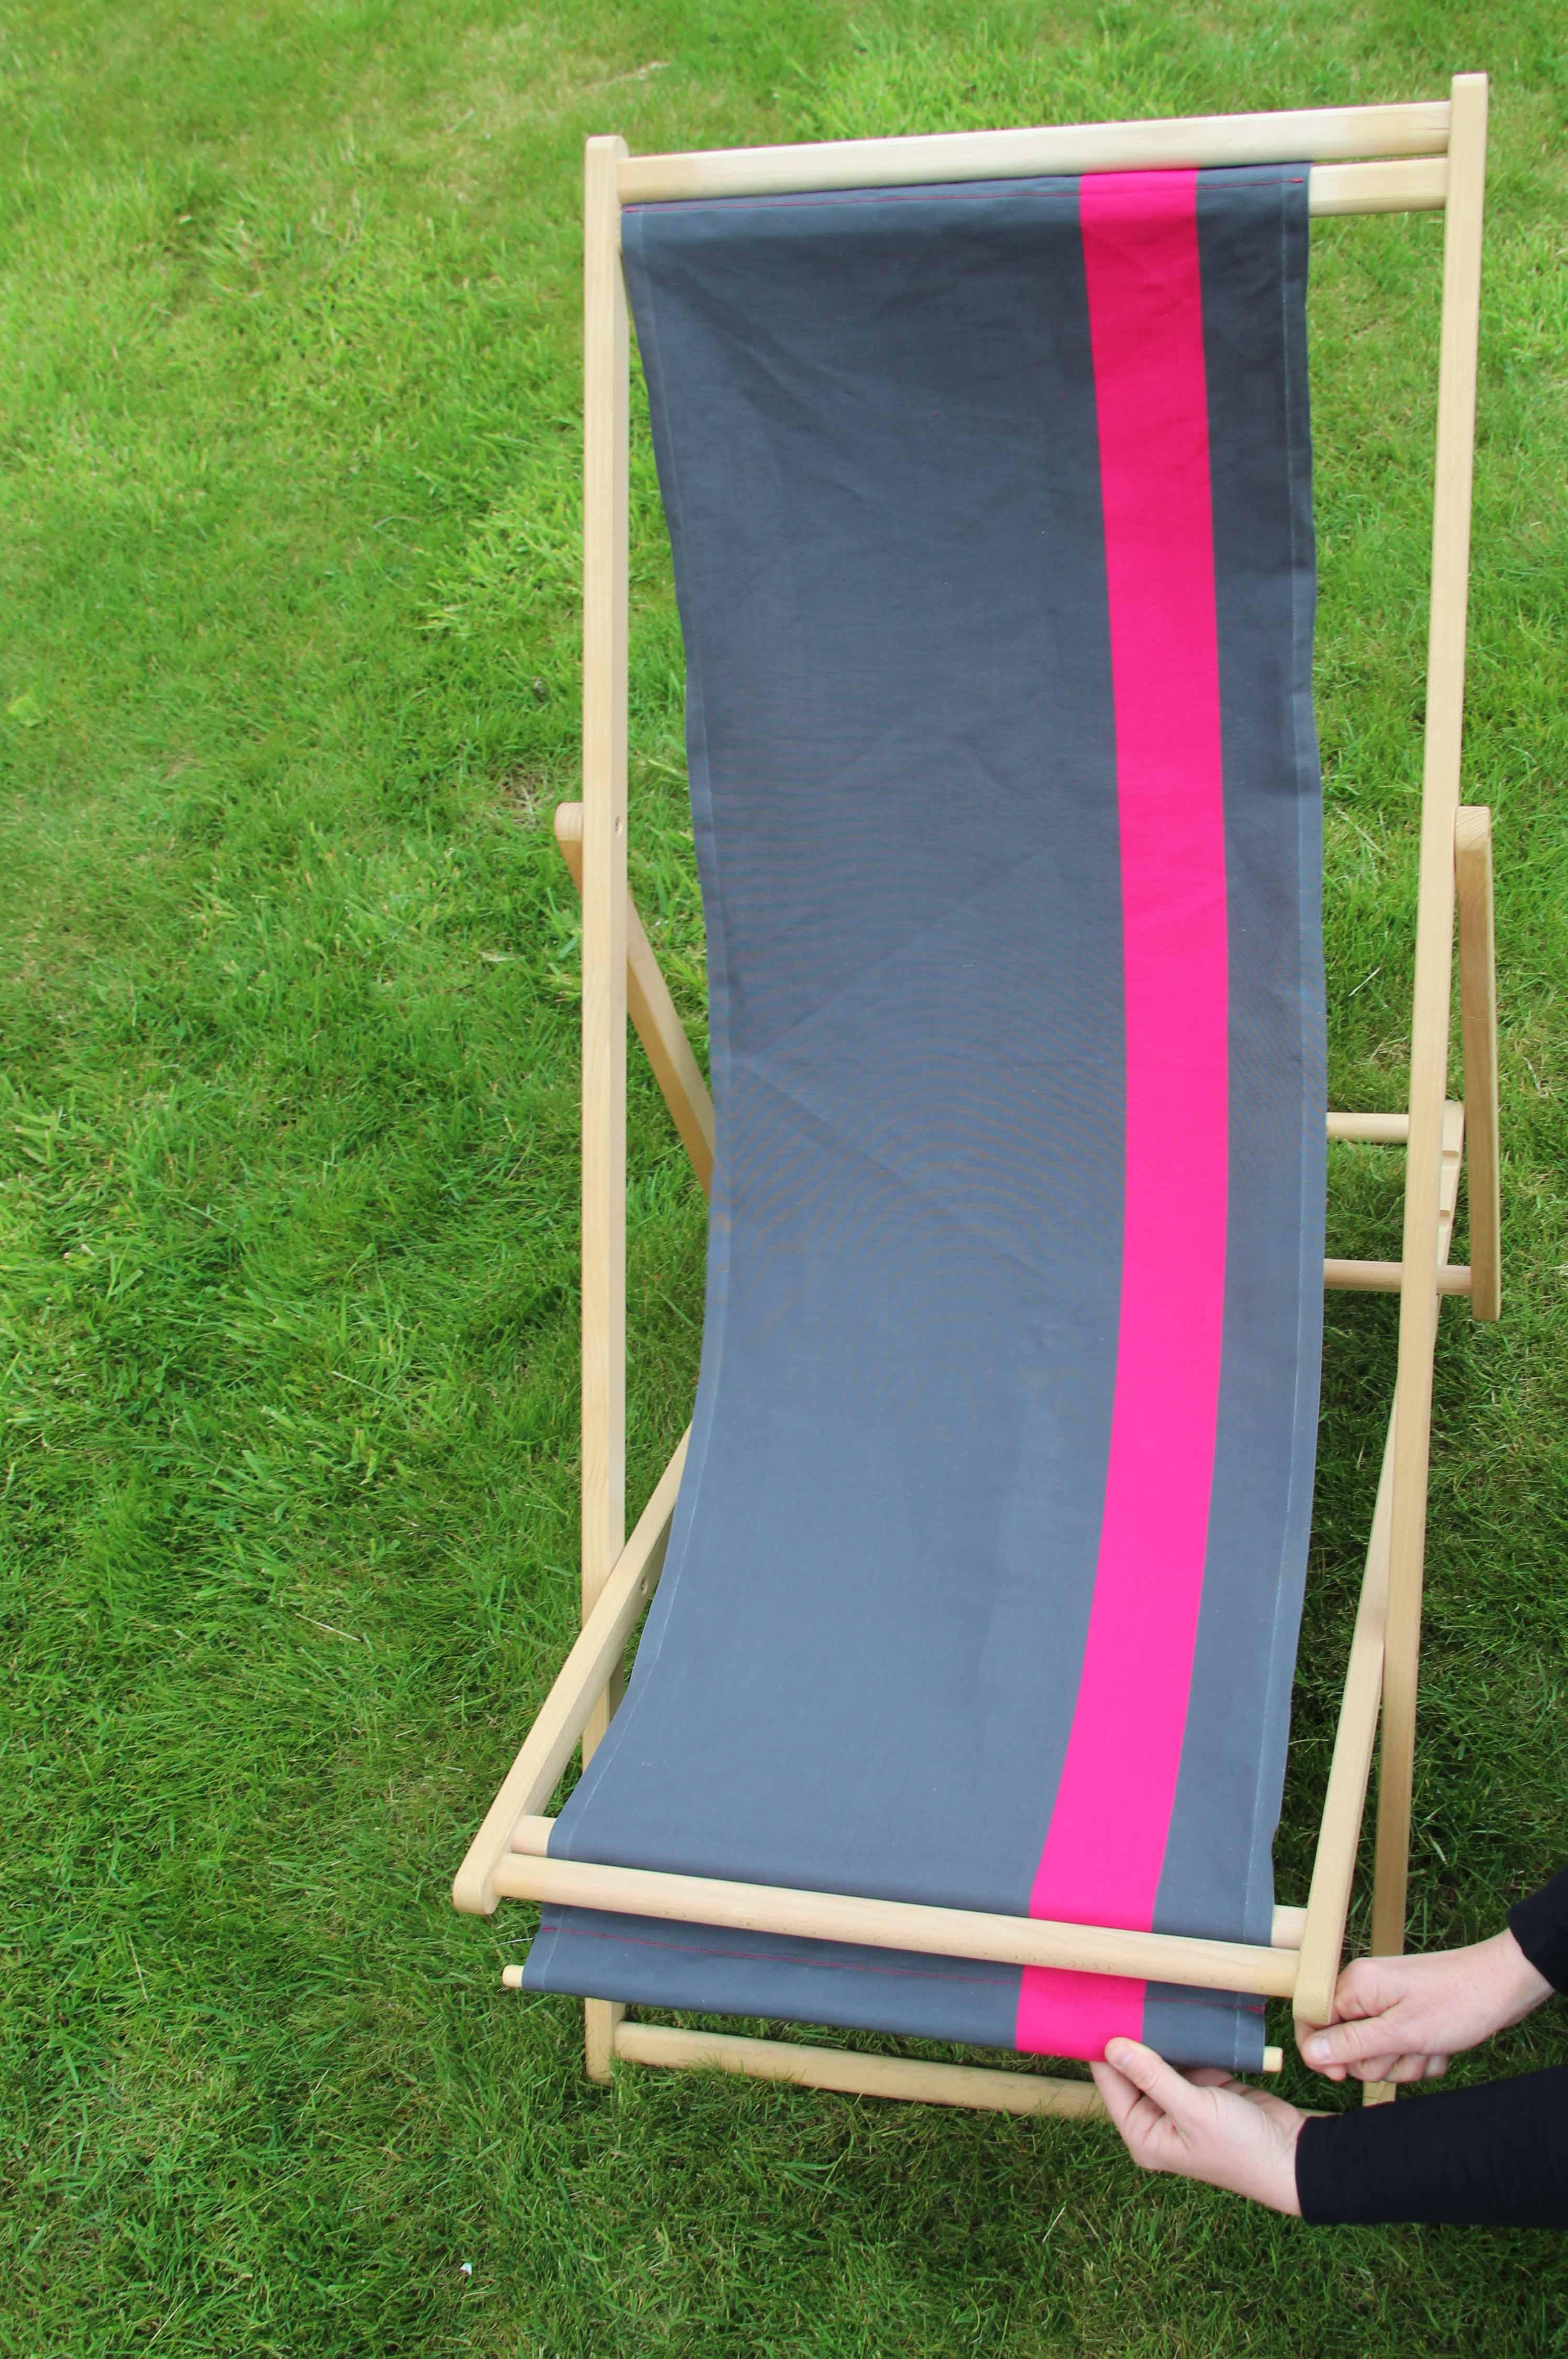 Comment Restaurer Une Chaise En Bois restaurer une chilienne en toile transat - je fais moi-même